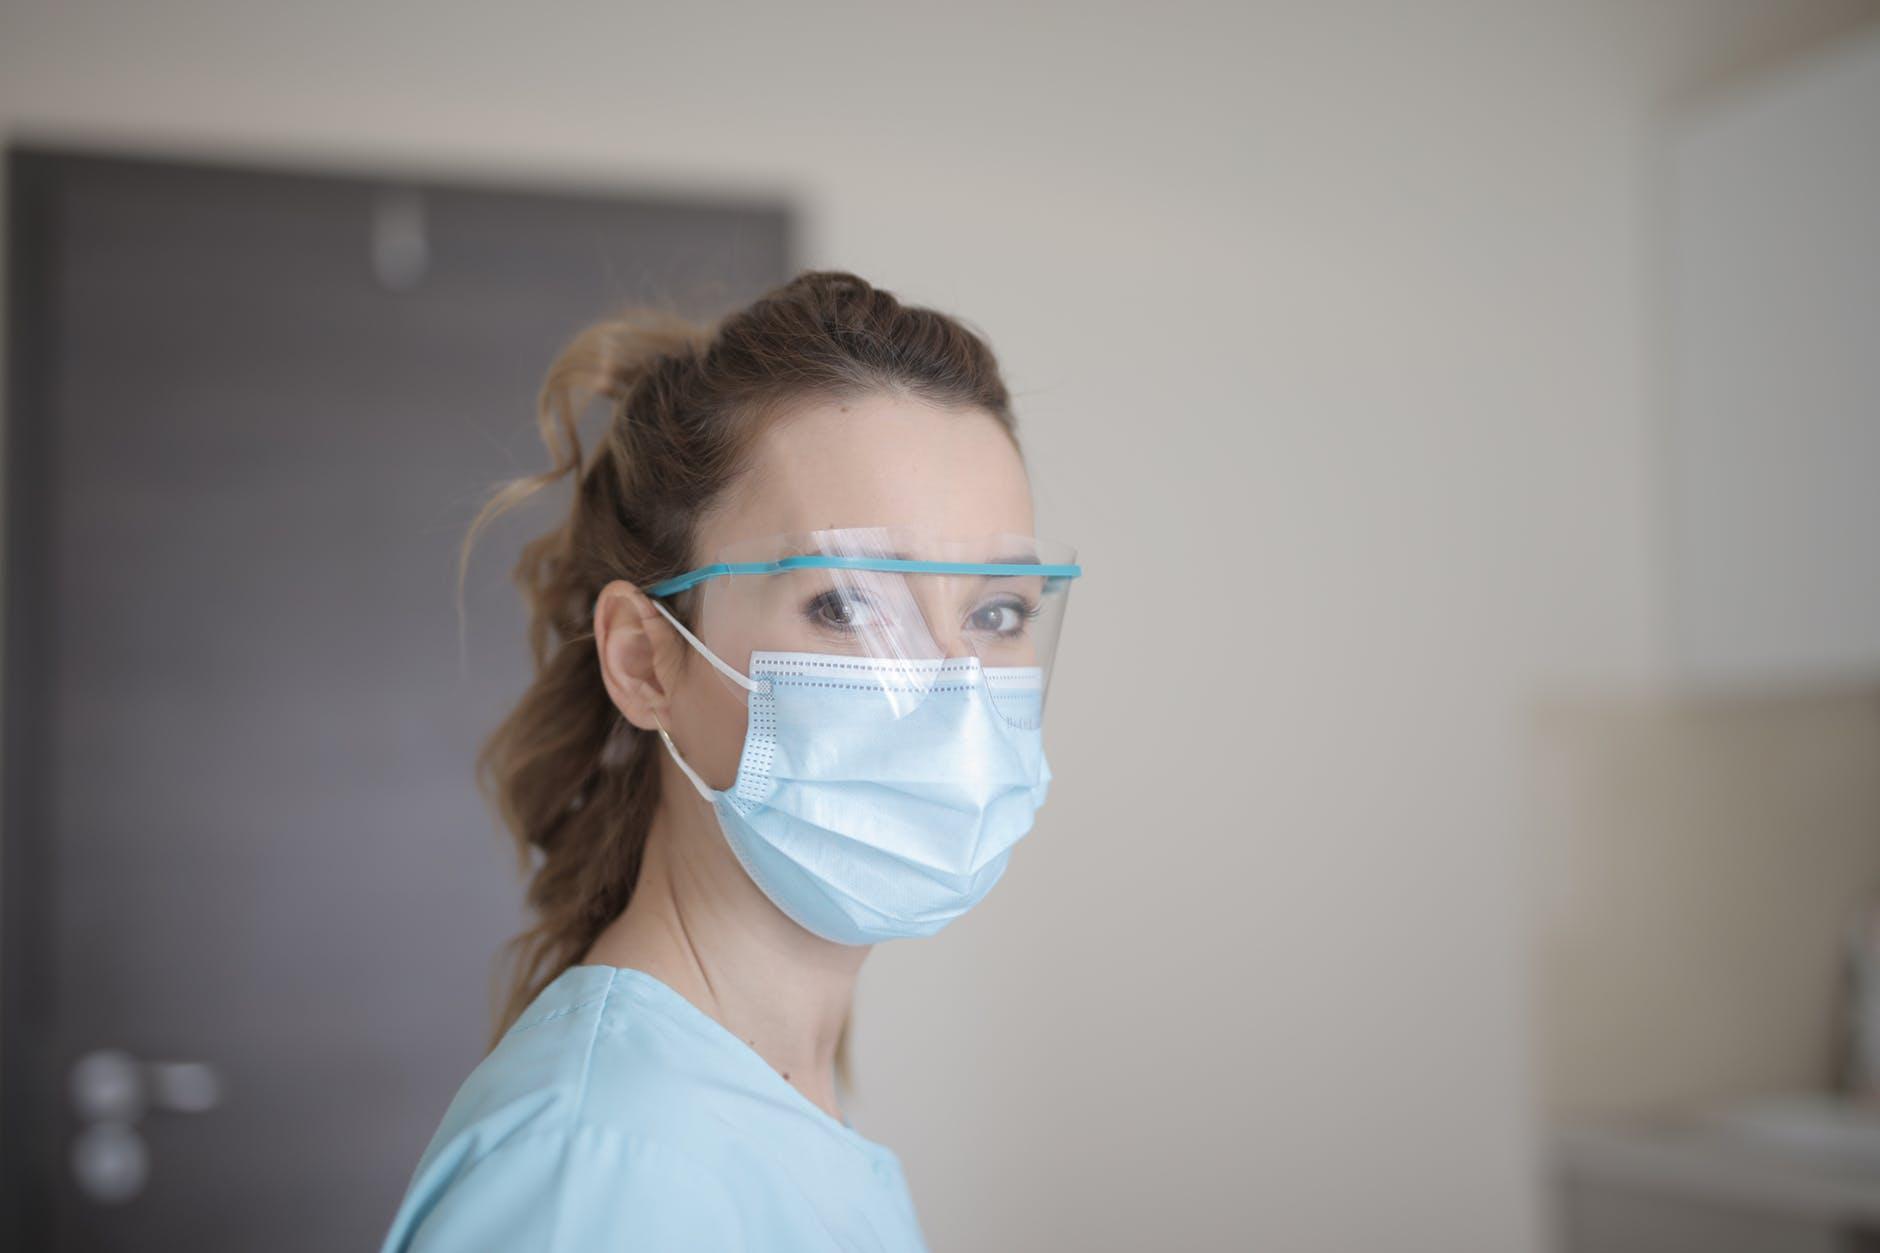 Sicurezza Coronavirus: siglato il protocollo per i luoghi di lavoro